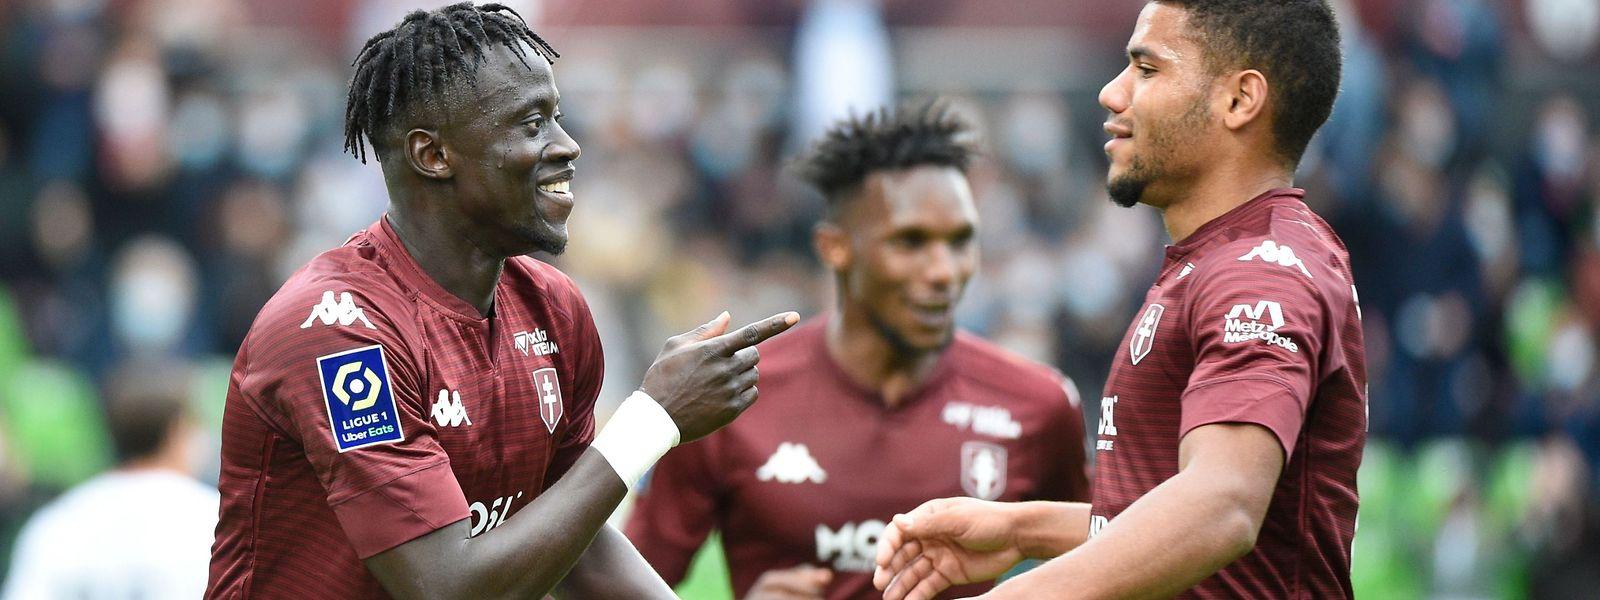 Six journées disputées et déjà six buts pour Ibrahima Niane. Le jeune attaquant sénégalais de 21 ans (à gauche) n'avait marqué que trois buts la saison dernière.